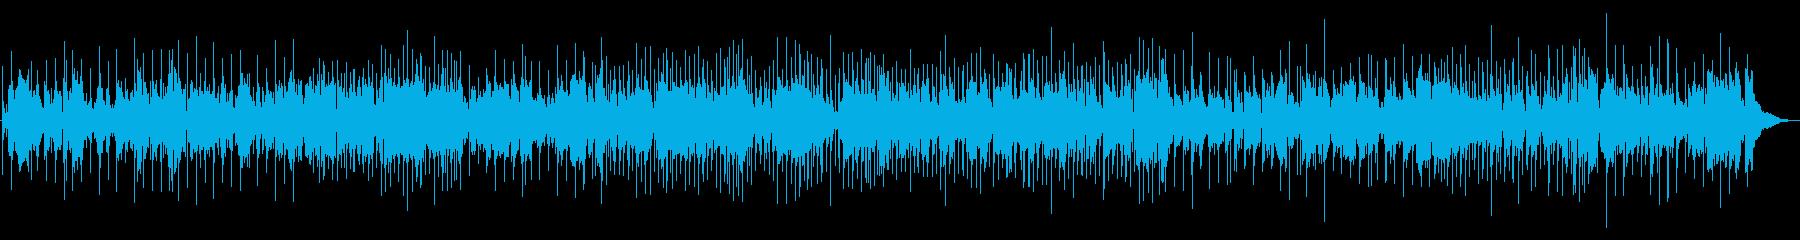 フルートの明るく楽しさ伝わるBGM。の再生済みの波形